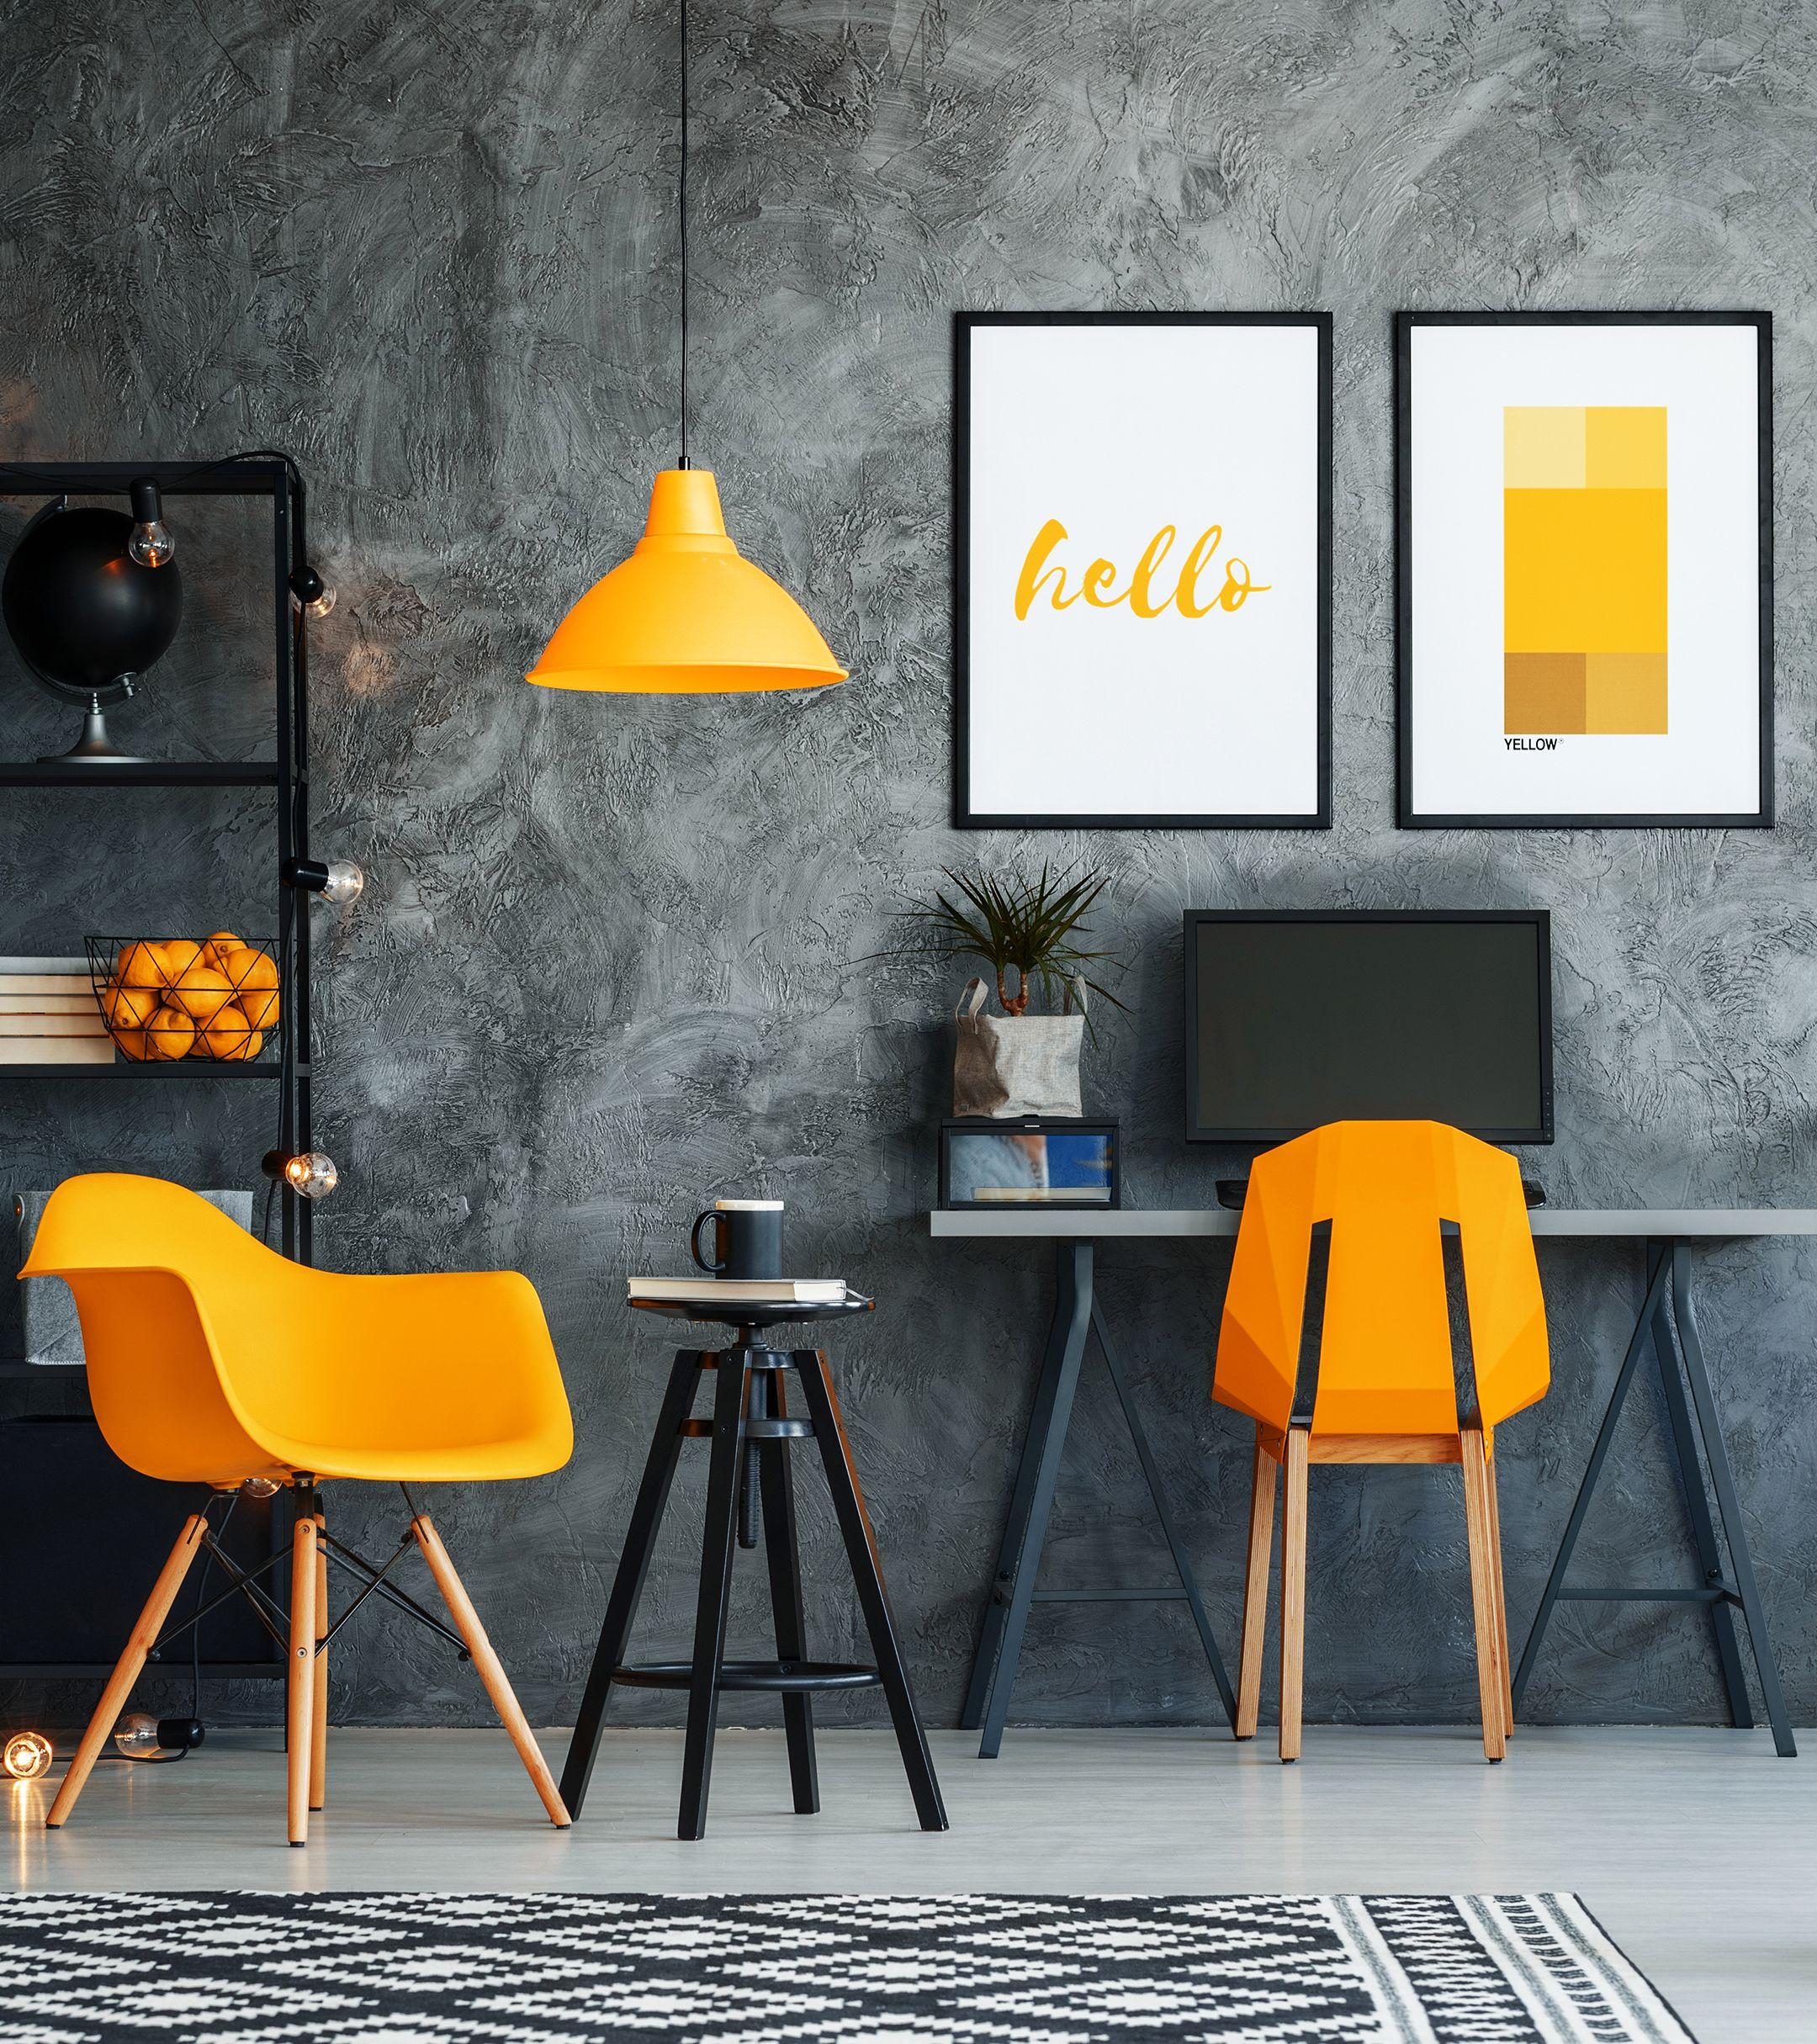 Aksen Warna Kuning Termasuk Warna Dasar Itulah Mengapa Mayoritas Rumah Memilih Warna Dasar Sebagai Warna Dinding Mereka Agar Terkesan Netral Dan Dapat Dipadu